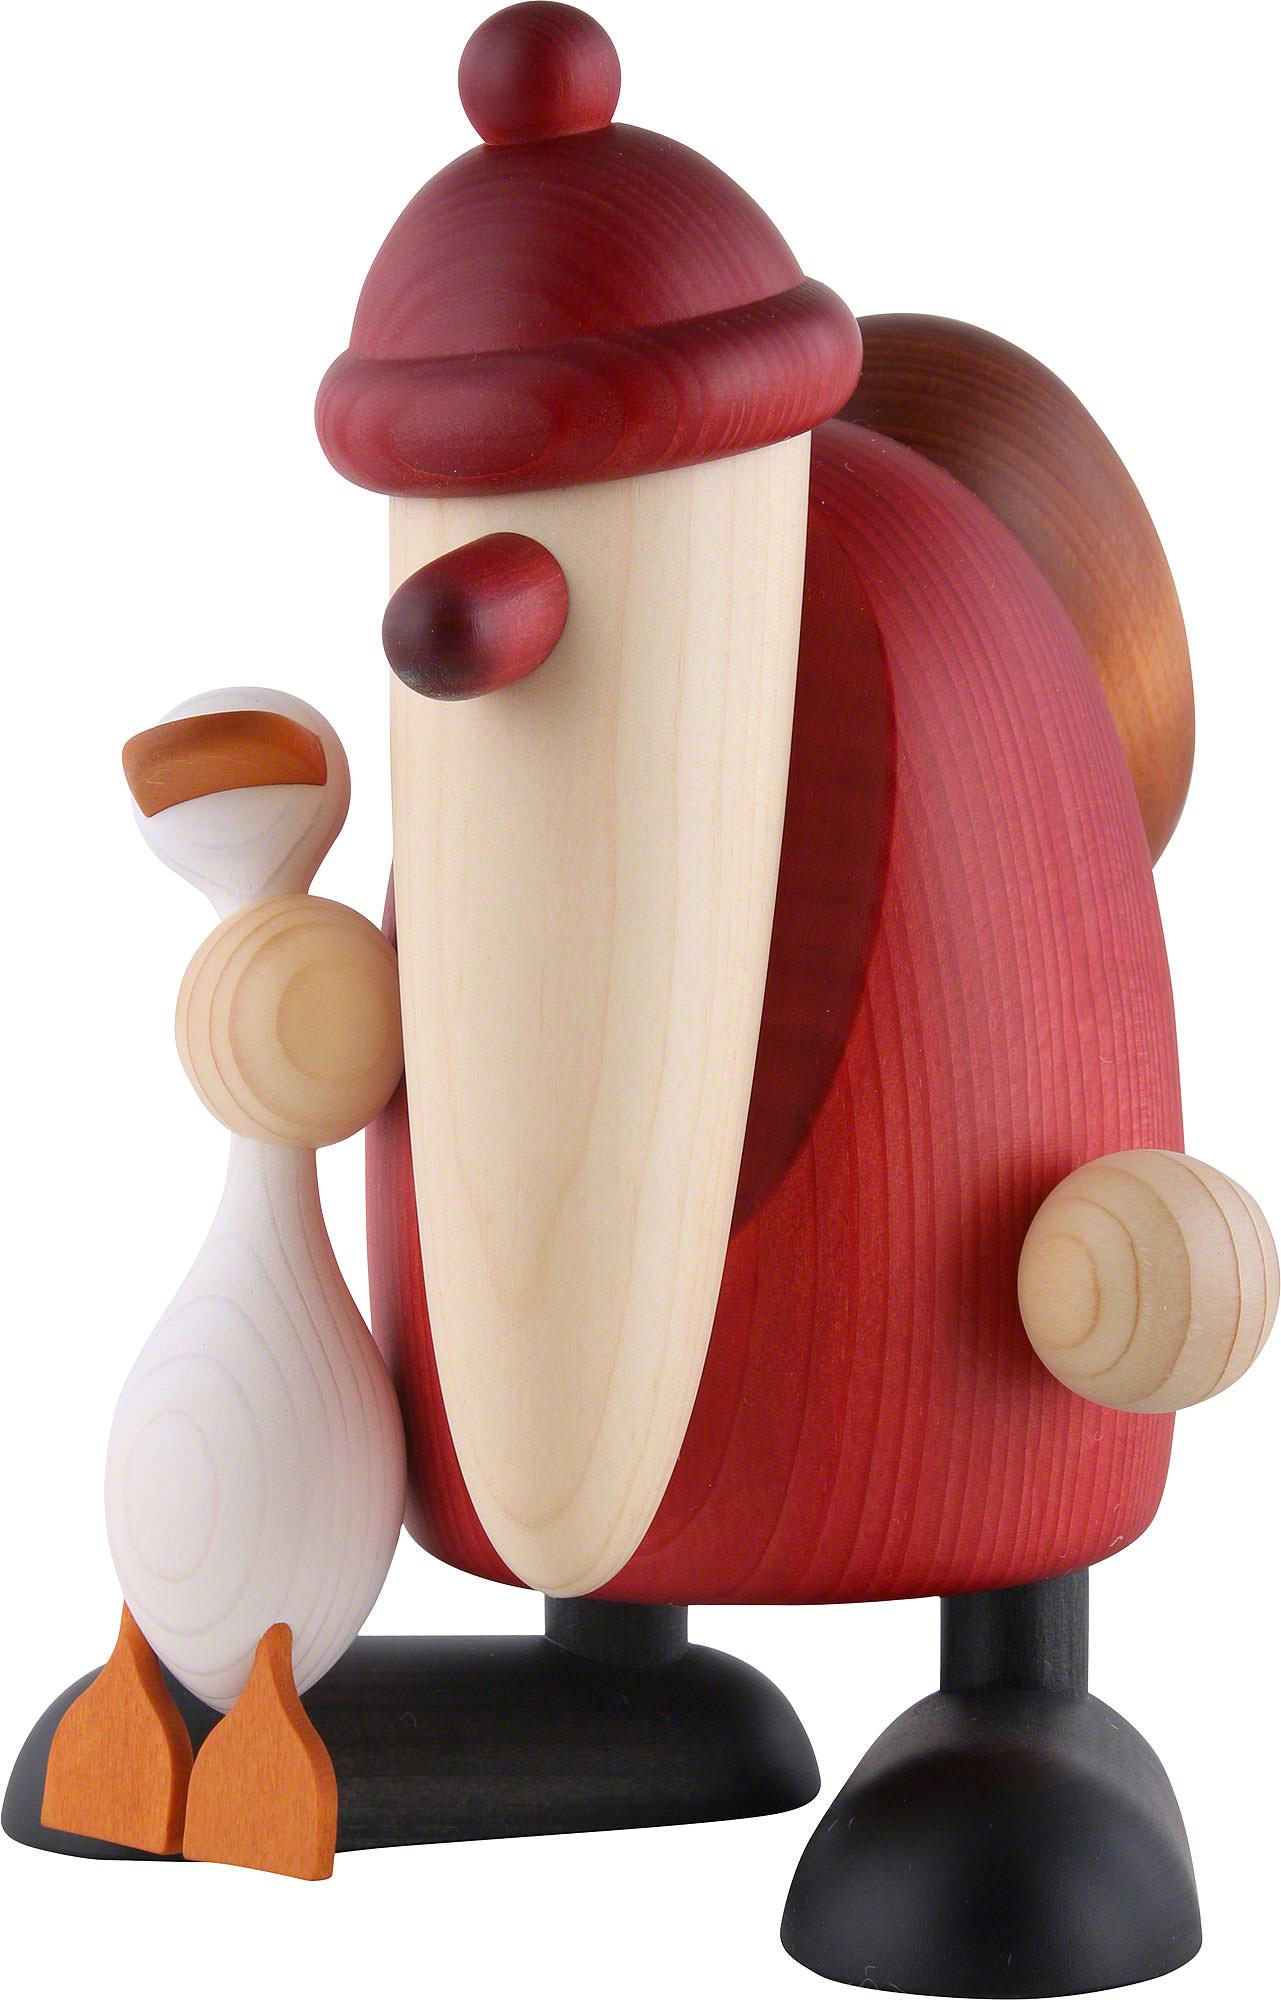 weihnachtsmann mit gans auguste 19cm von bj rn k hler kunsthandwerk. Black Bedroom Furniture Sets. Home Design Ideas